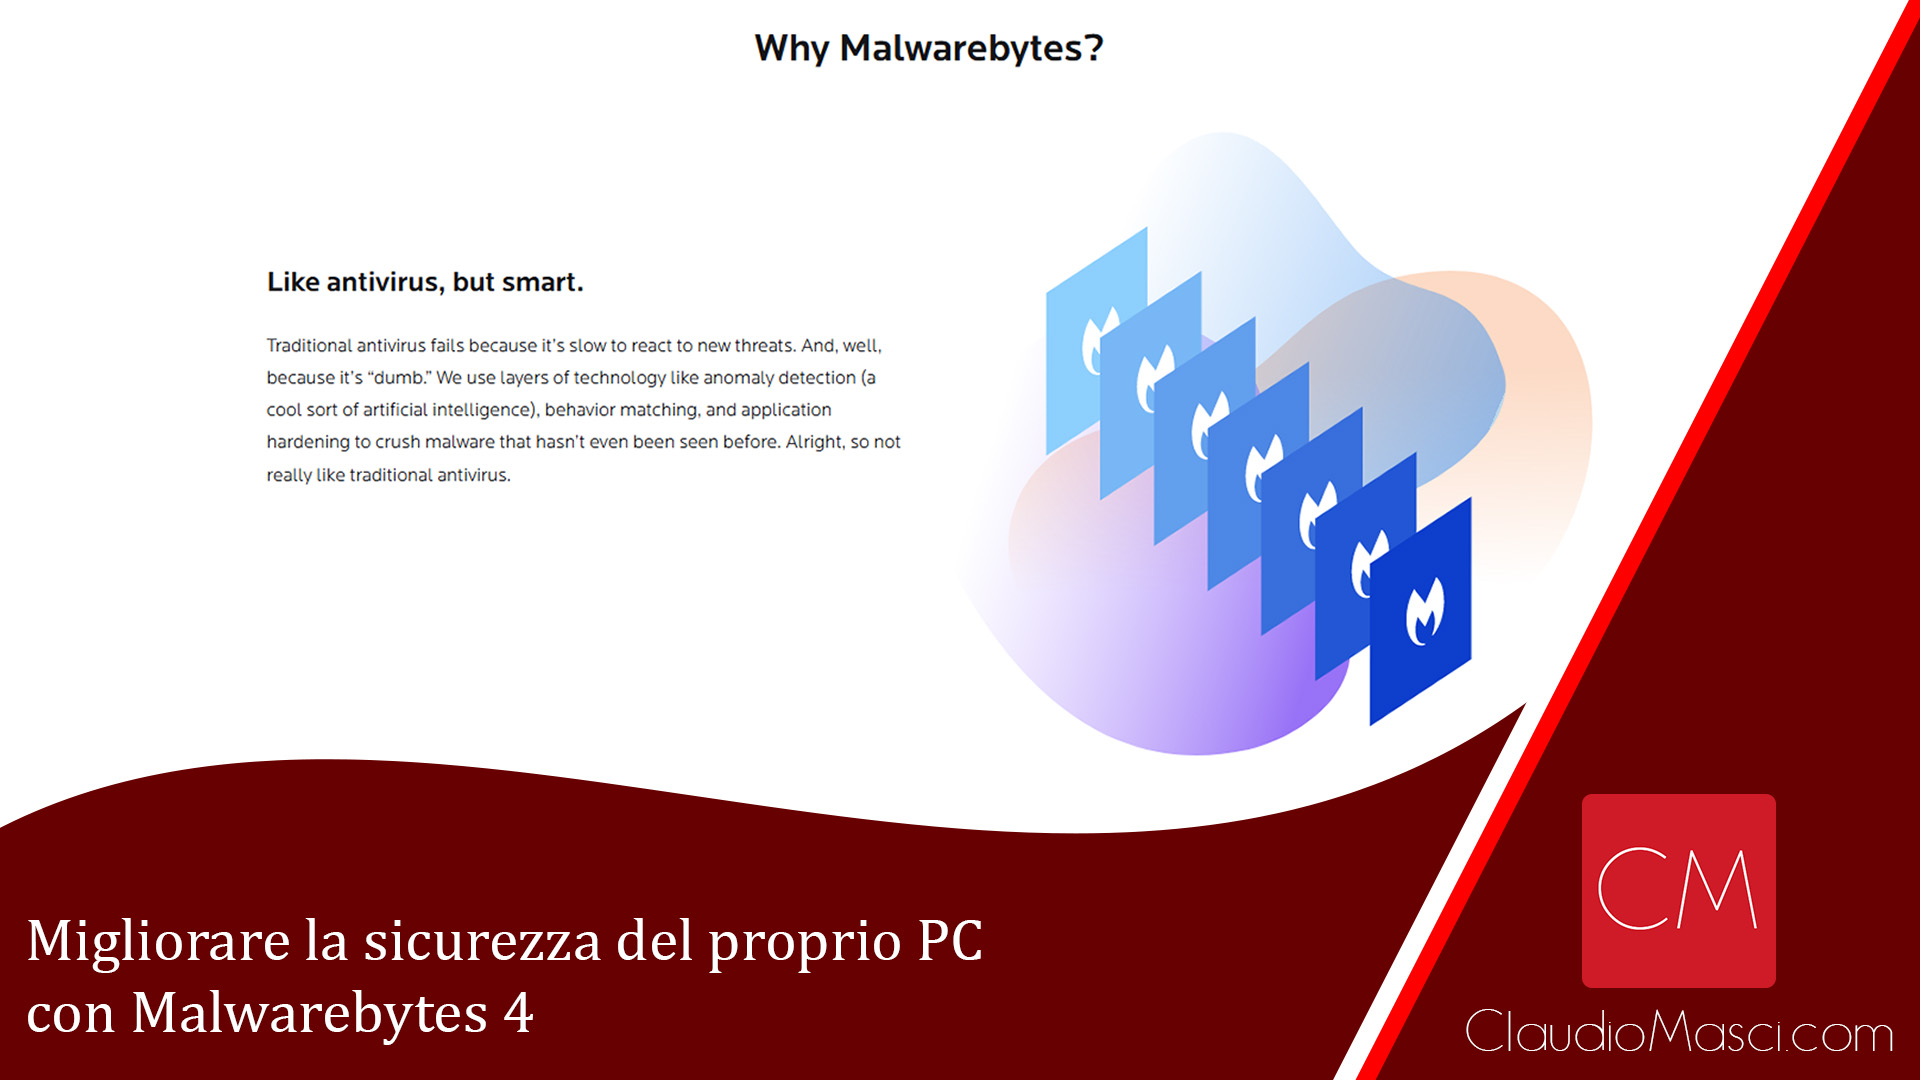 Migliorare la sicurezza del proprio PC con Malwarebytes 4